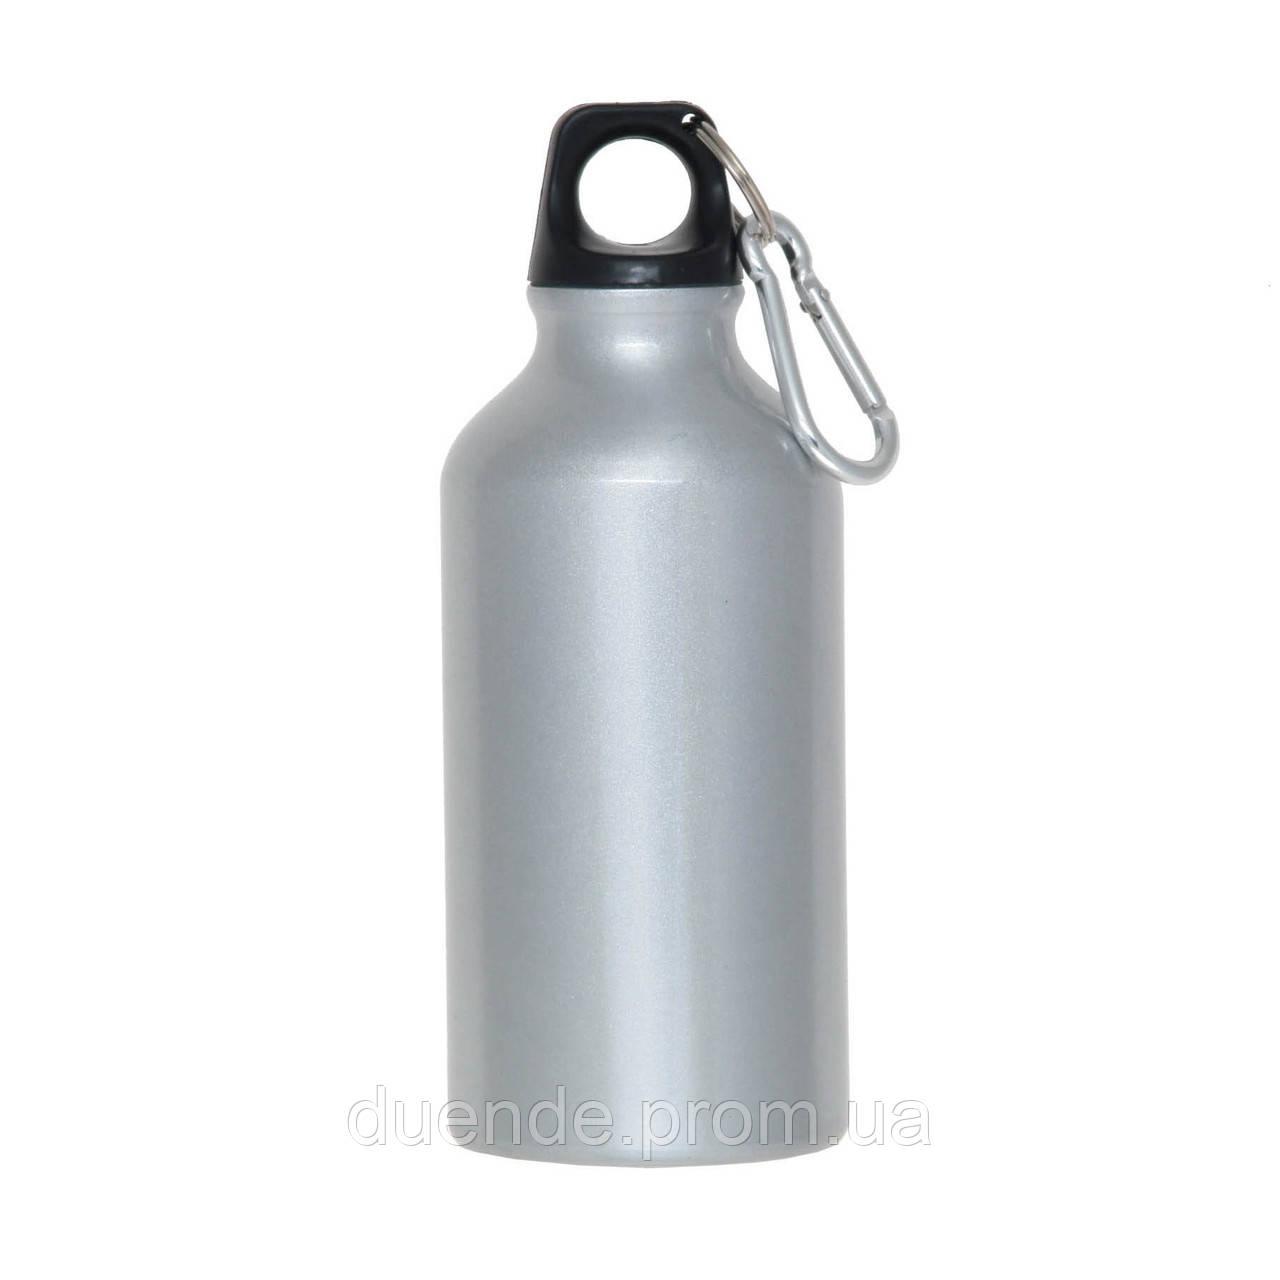 Пляшка для води в алюмінієвому корпусі 450 мл / su 90603044